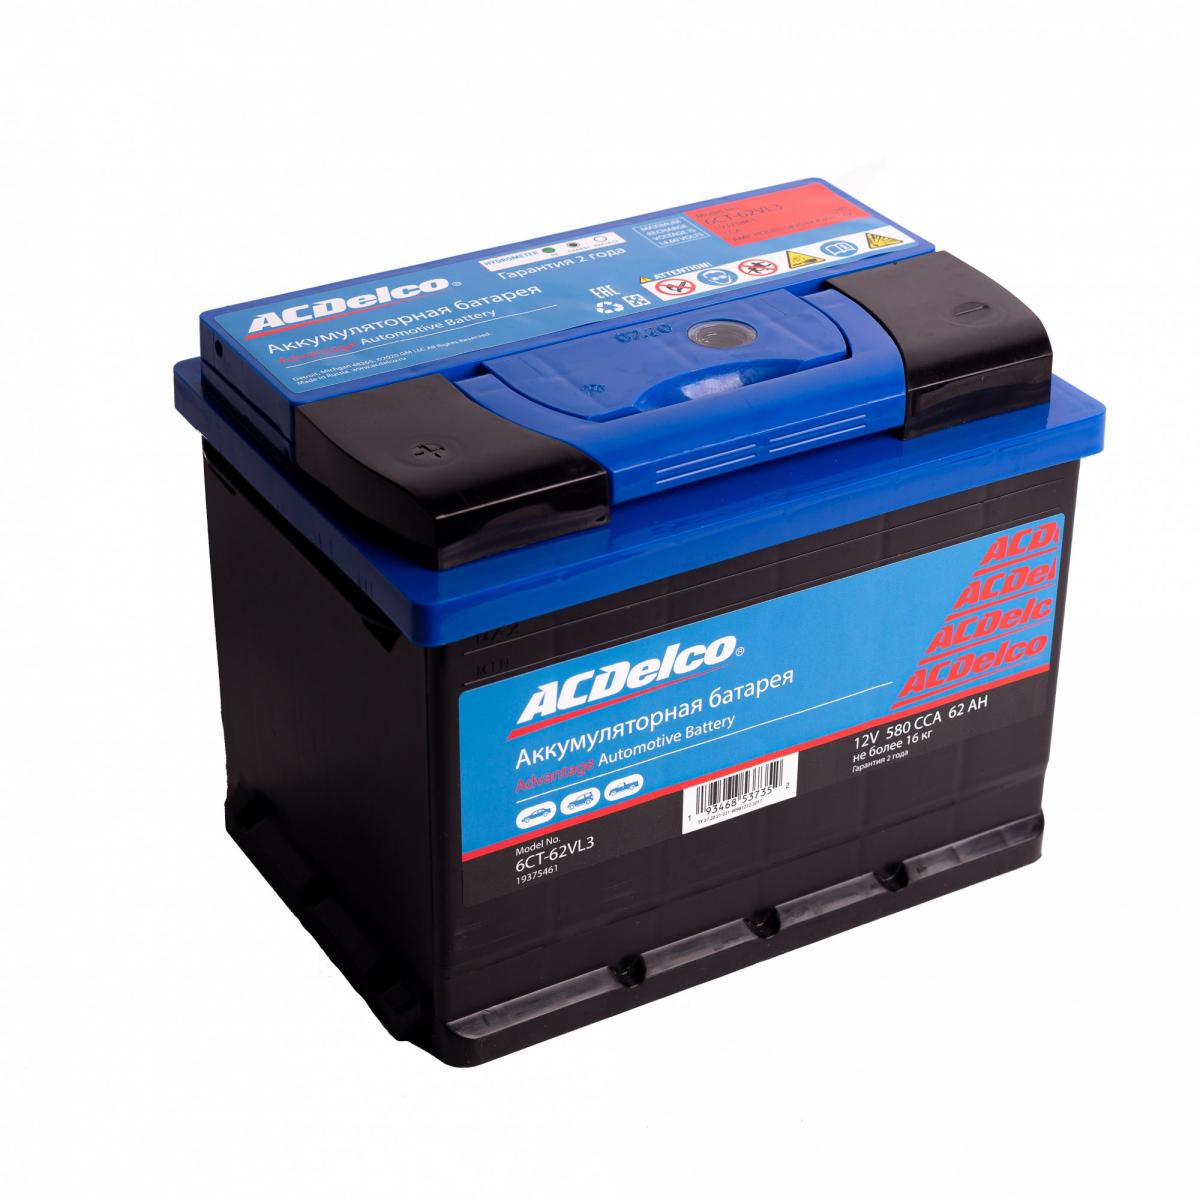 Аккумулятор ACDelco 62 А/ч прямая L+ EN580 А